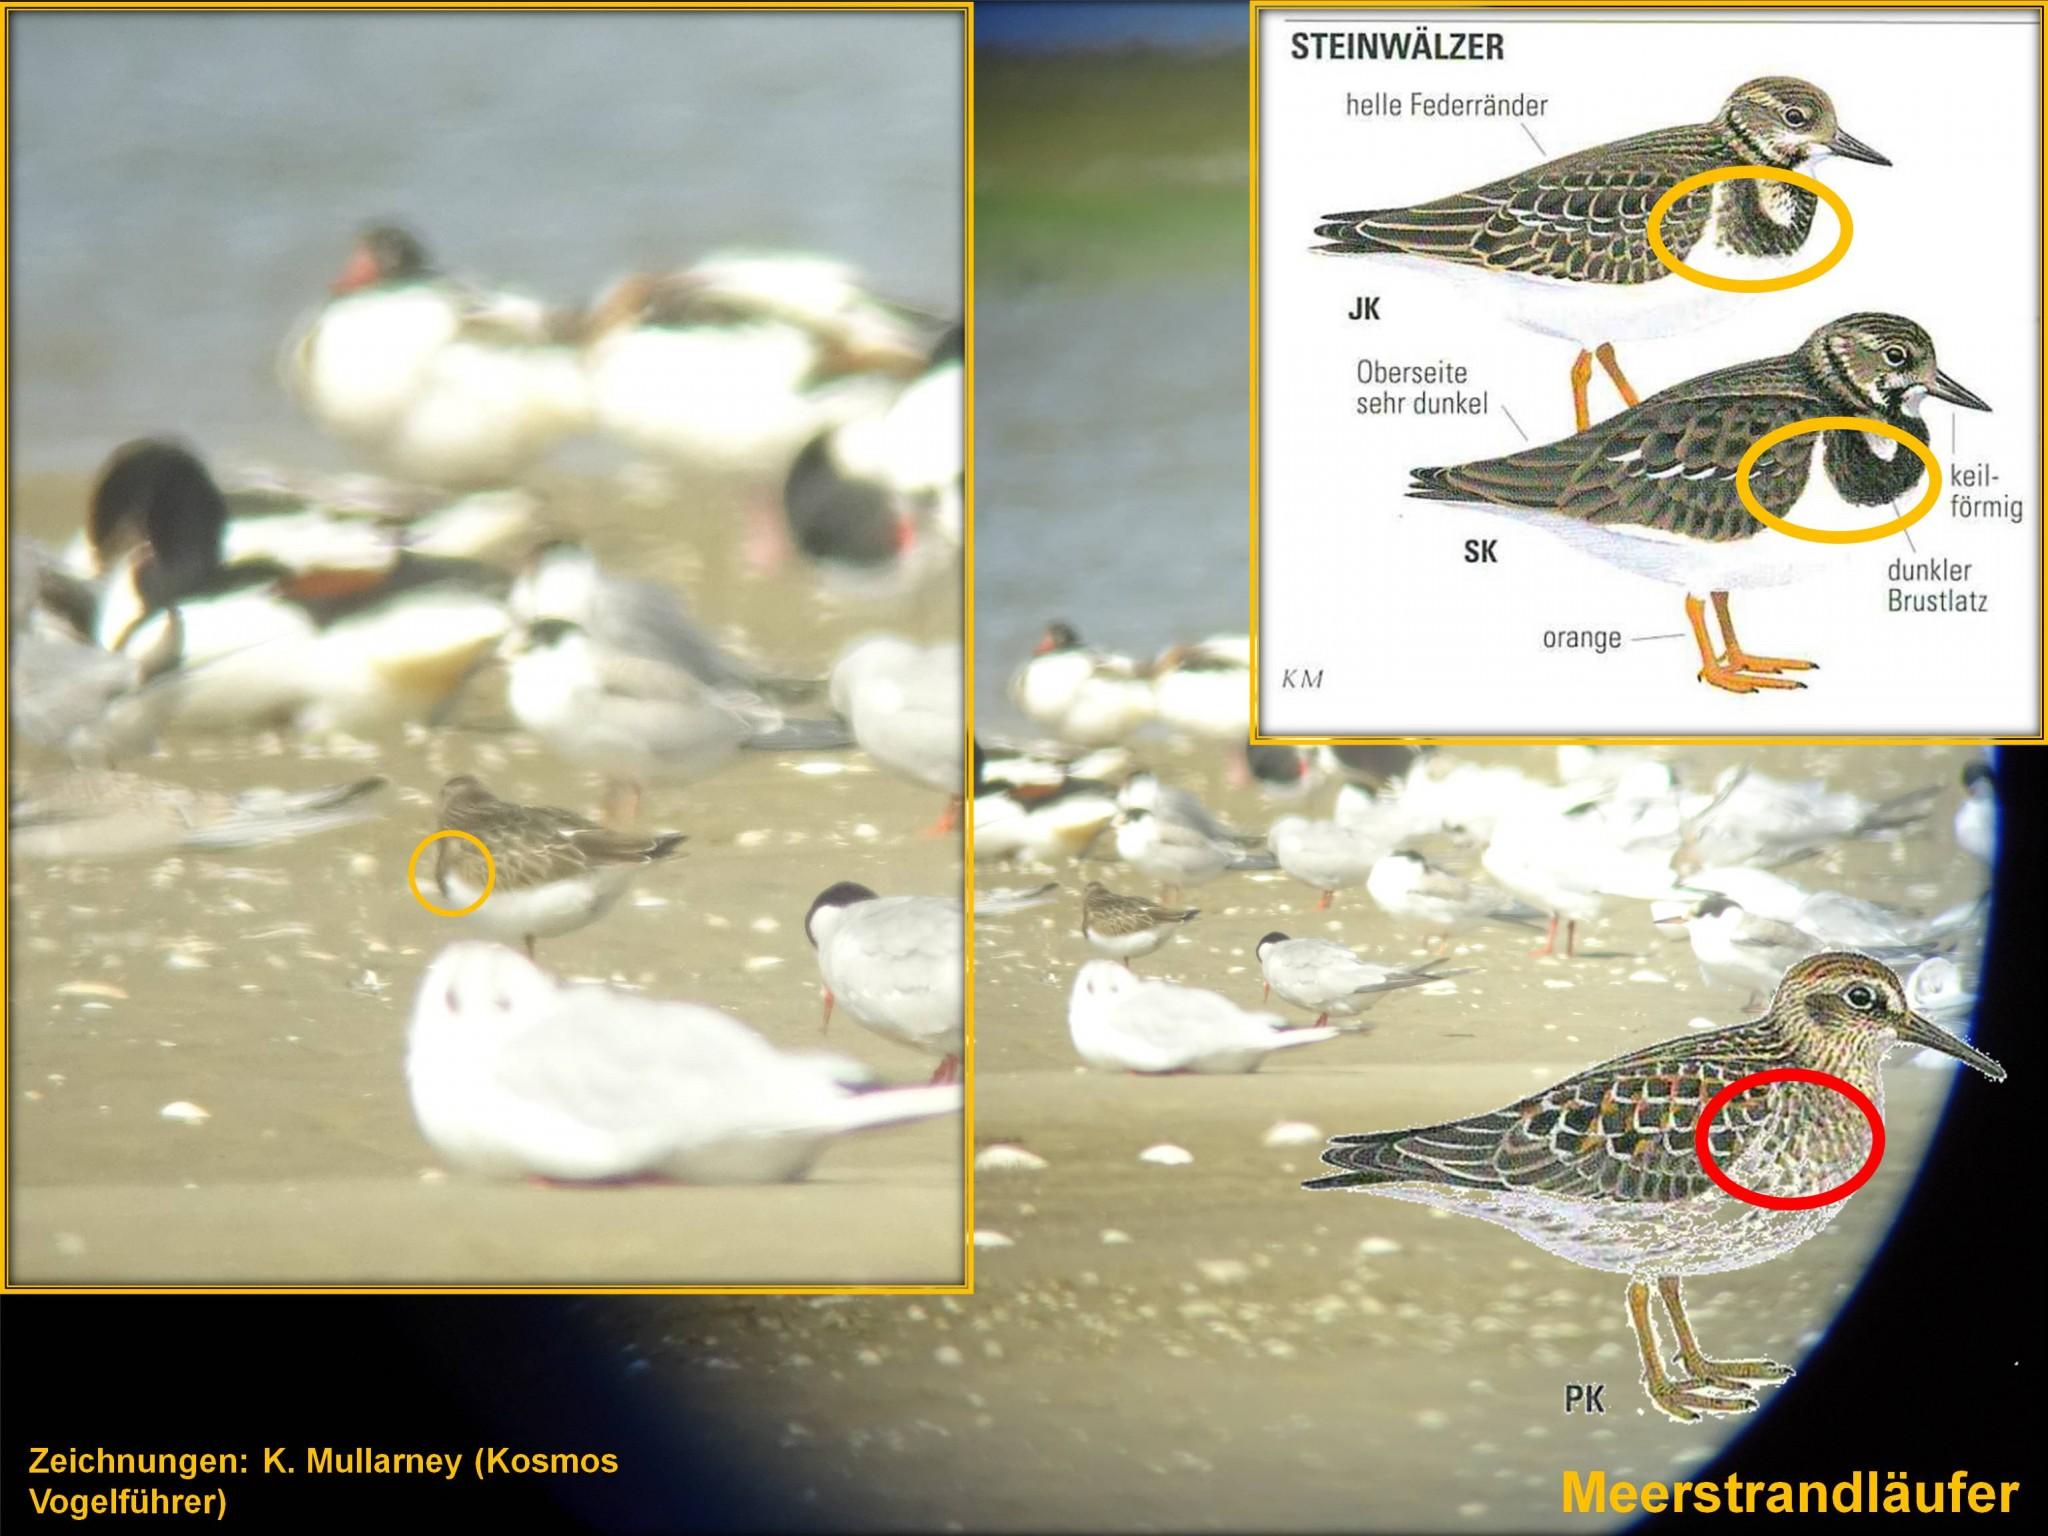 Schwierige Bestimmung: Kollage zur Identifizierung von Meerstrandläufer und Steinwälzer